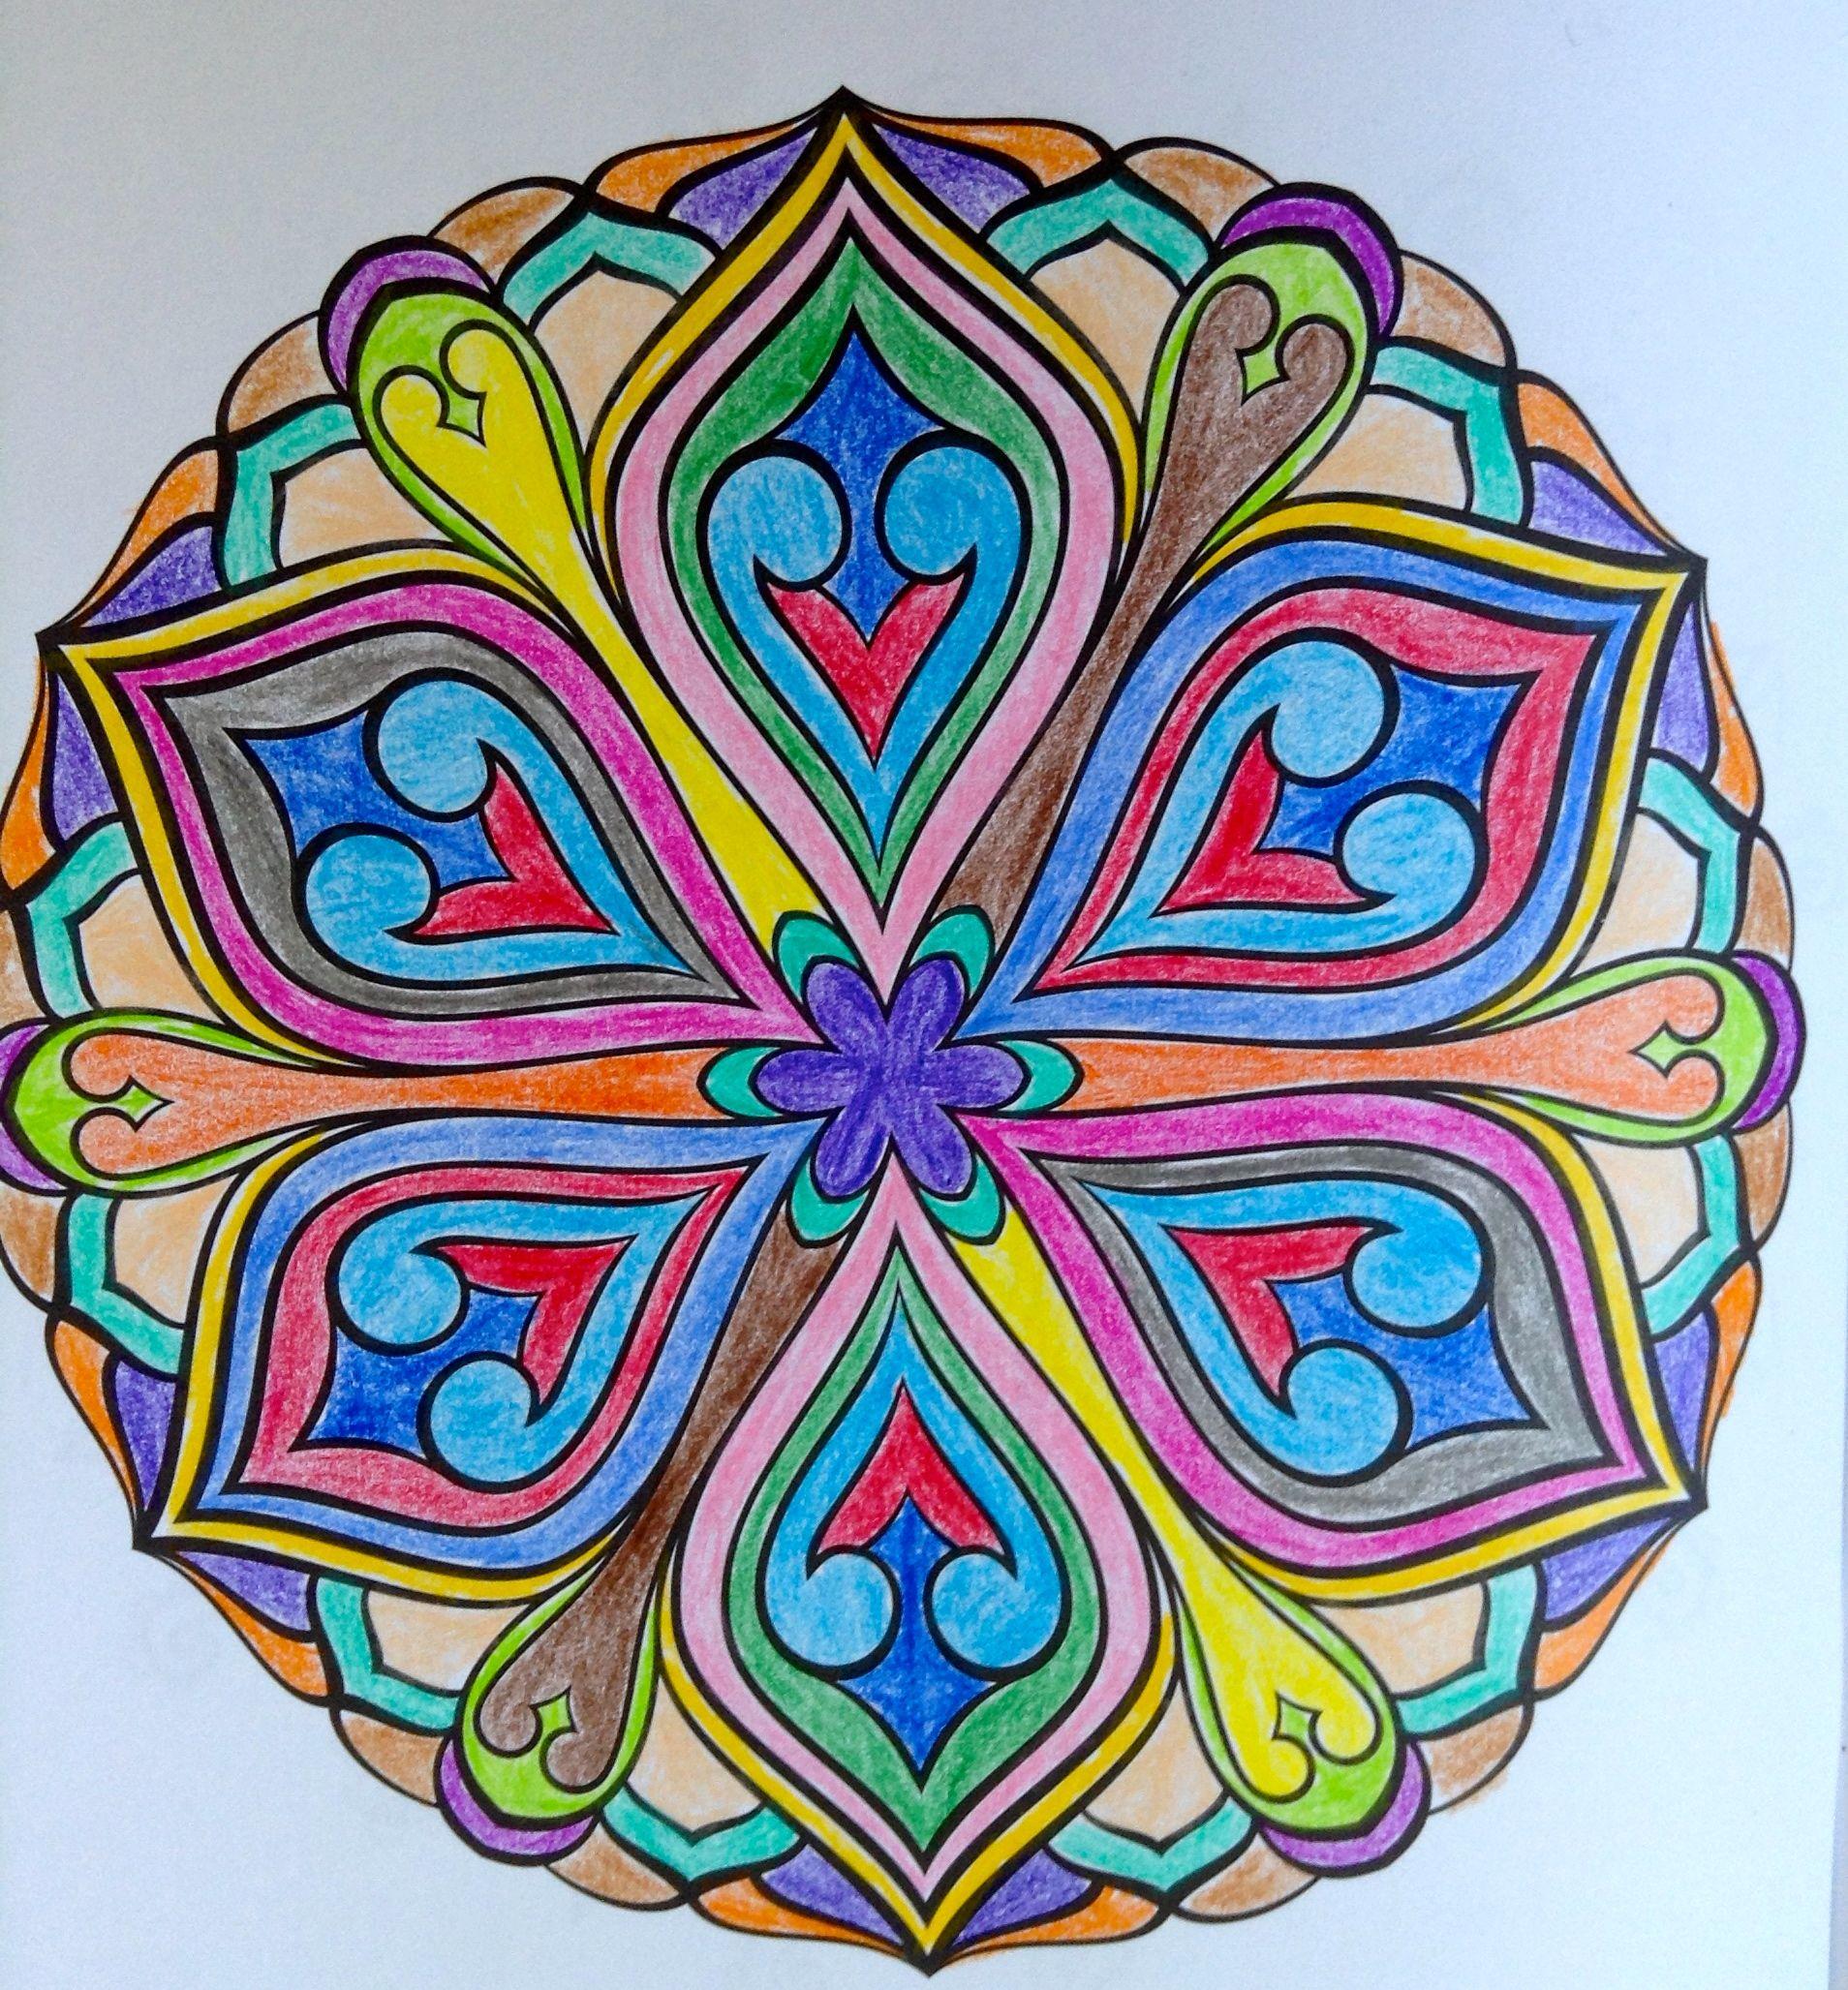 Eccezionale disegno carnevale con colori caldi e freddi for Disegni di mandala semplici